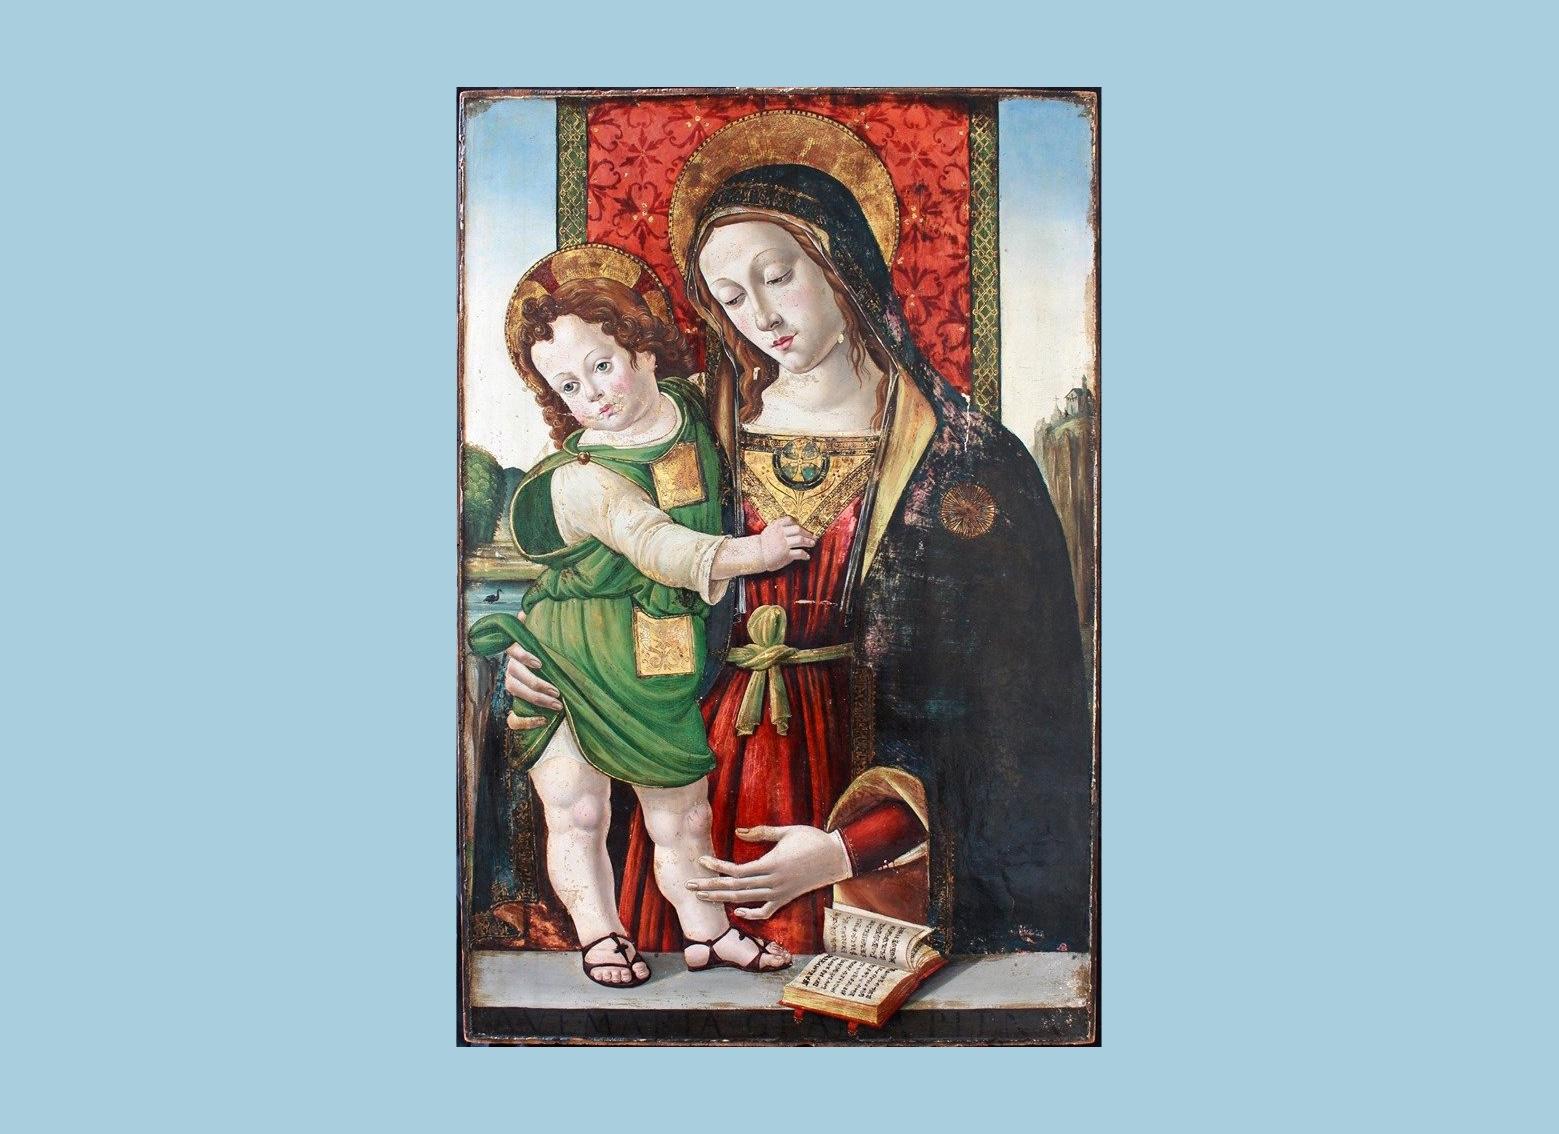 Викрадену картину «Мадонна з дитиною» повернуть до Італії